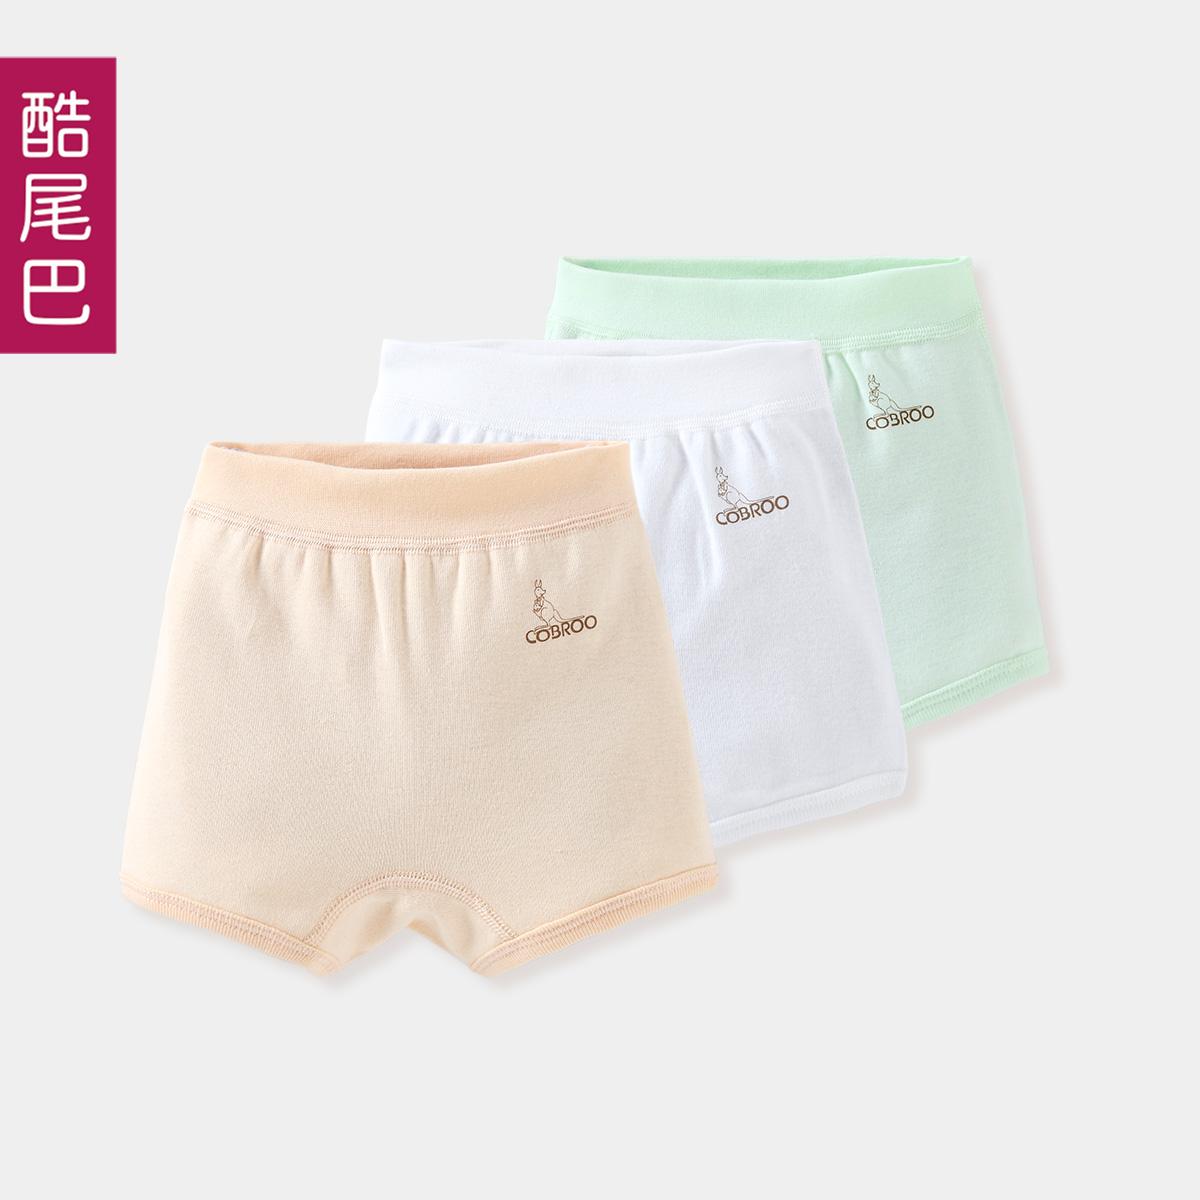 嬰幼兒嬰兒純棉全棉內褲